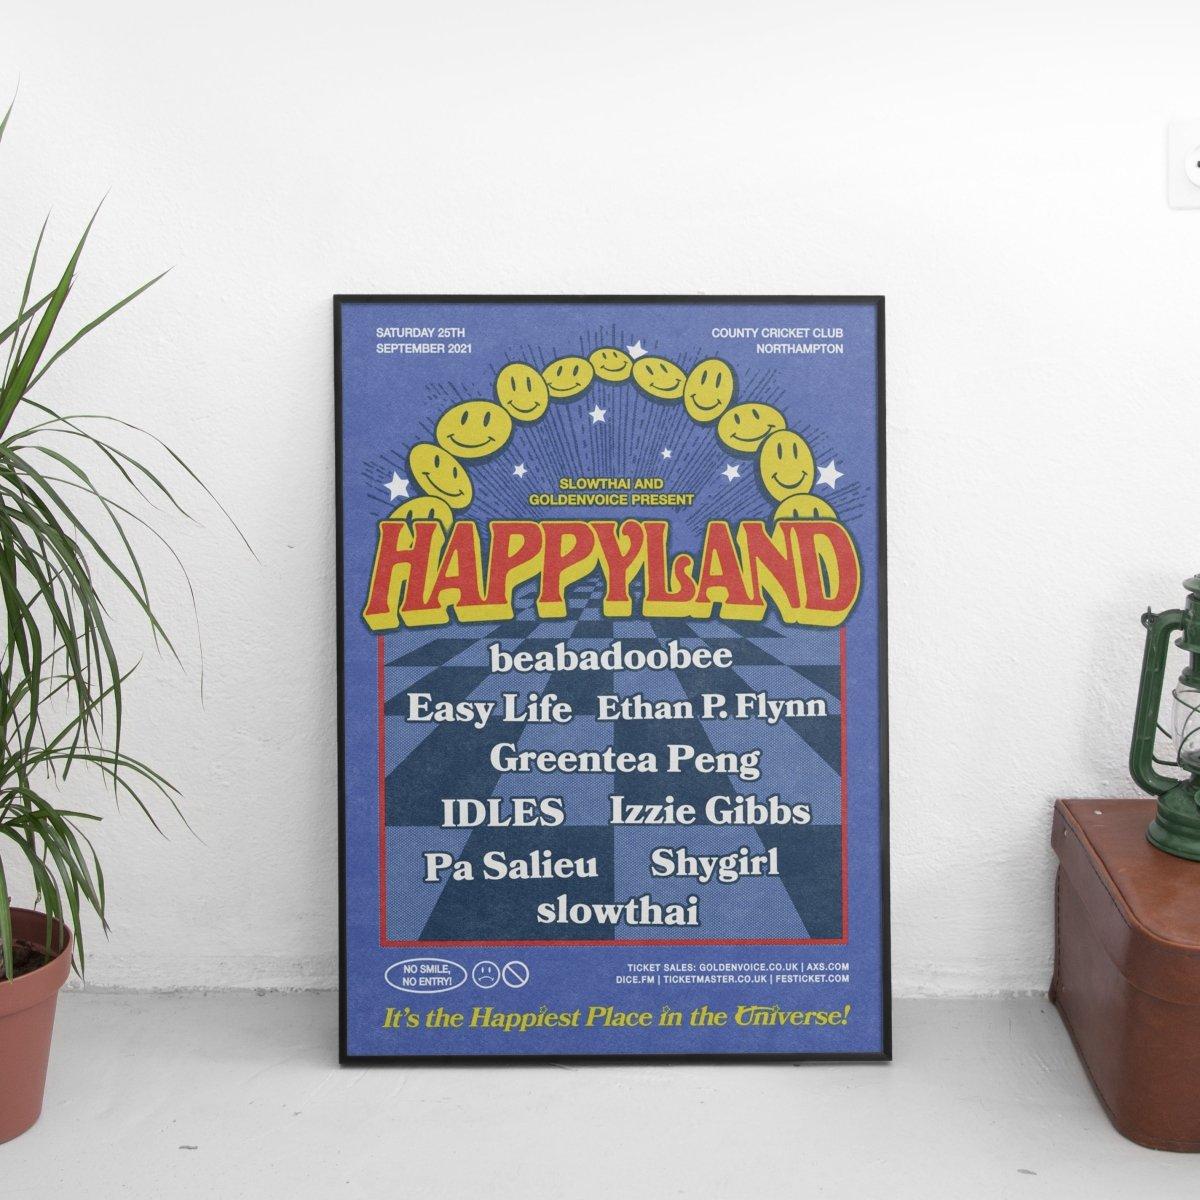 Slowthai - Happyland Tour Poster